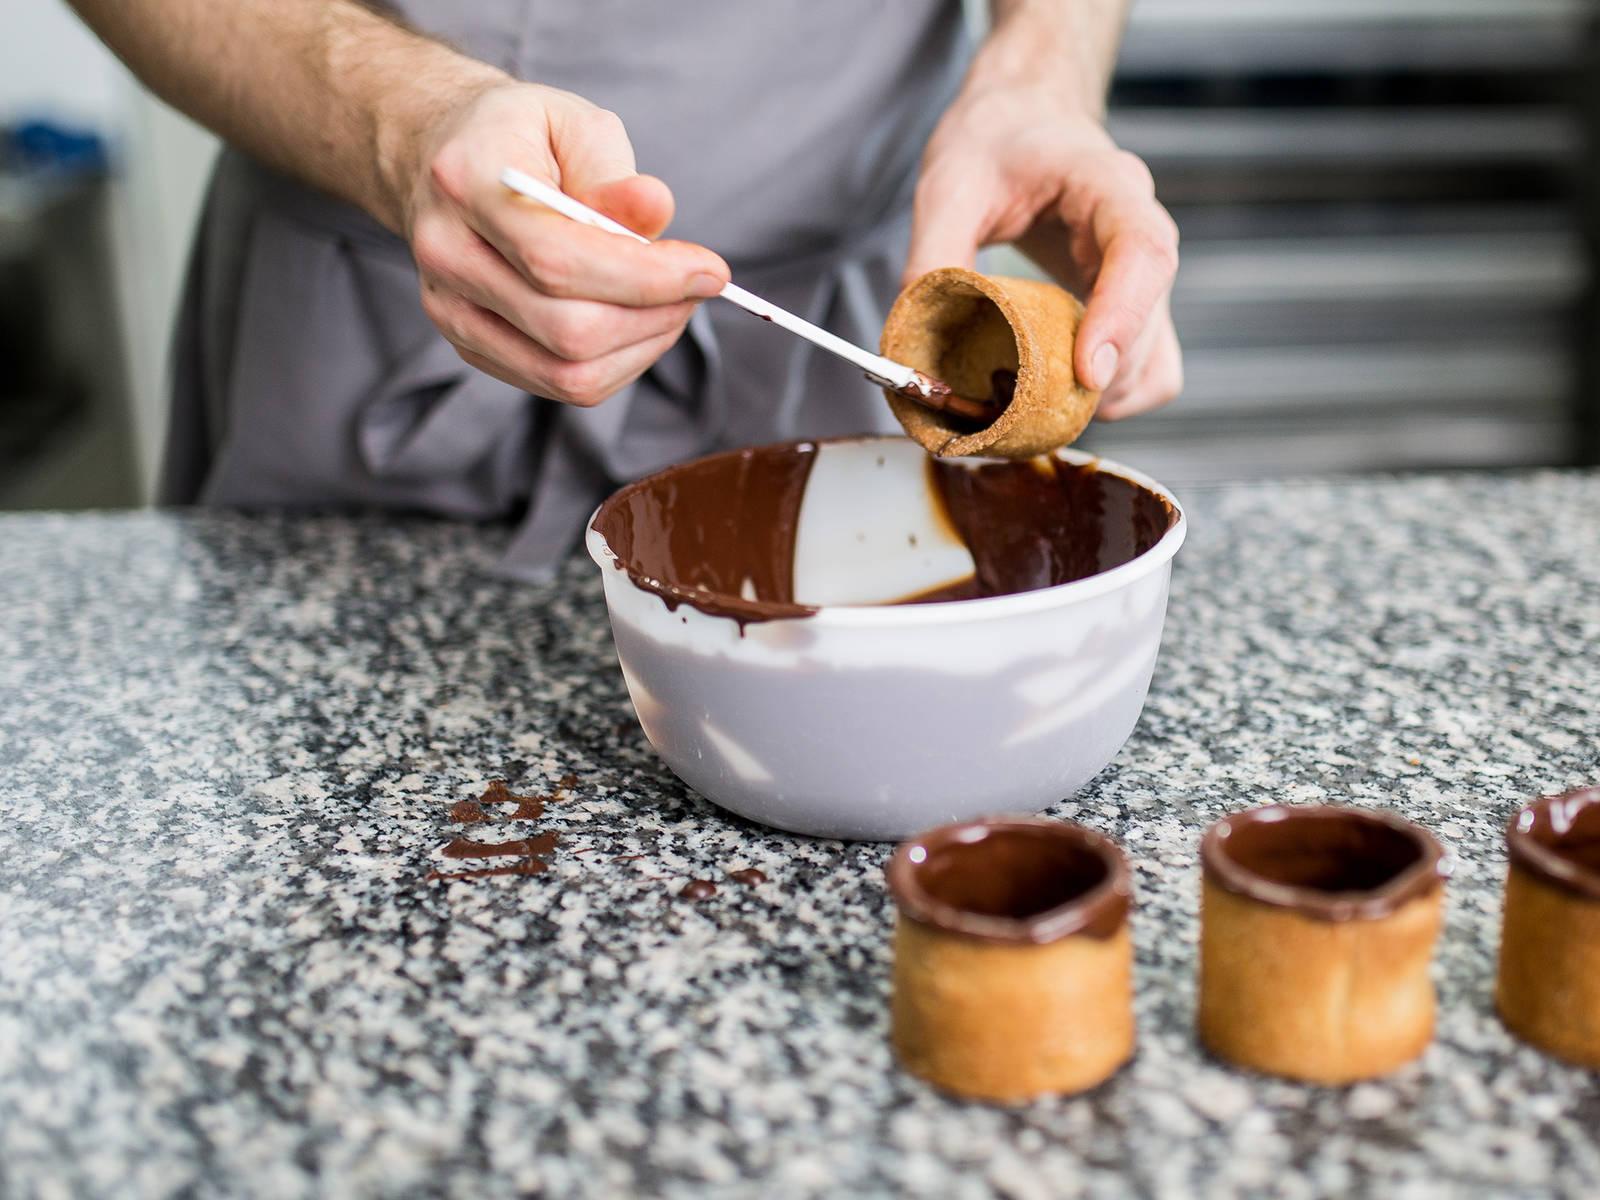 Sobald die Schokolade auf 32°C abgekühlt ist, das Innere der Cookie Cups zweimal damit glasieren. Für den Rand jeden Cup leicht in die Schokolade tauchen und die überschüssige Schokolade abtropfen lassen. Die Cups nach Belieben direkt mit Schokoladenstreuseln oder gehackten Mandeln verzieren. Sobald die Schokolade ausgehärtet ist kann der Rand auch mit essbarem Goldstaub verziert werden. Für ca. 20 Min. im Kühlschrank kaltstellen.